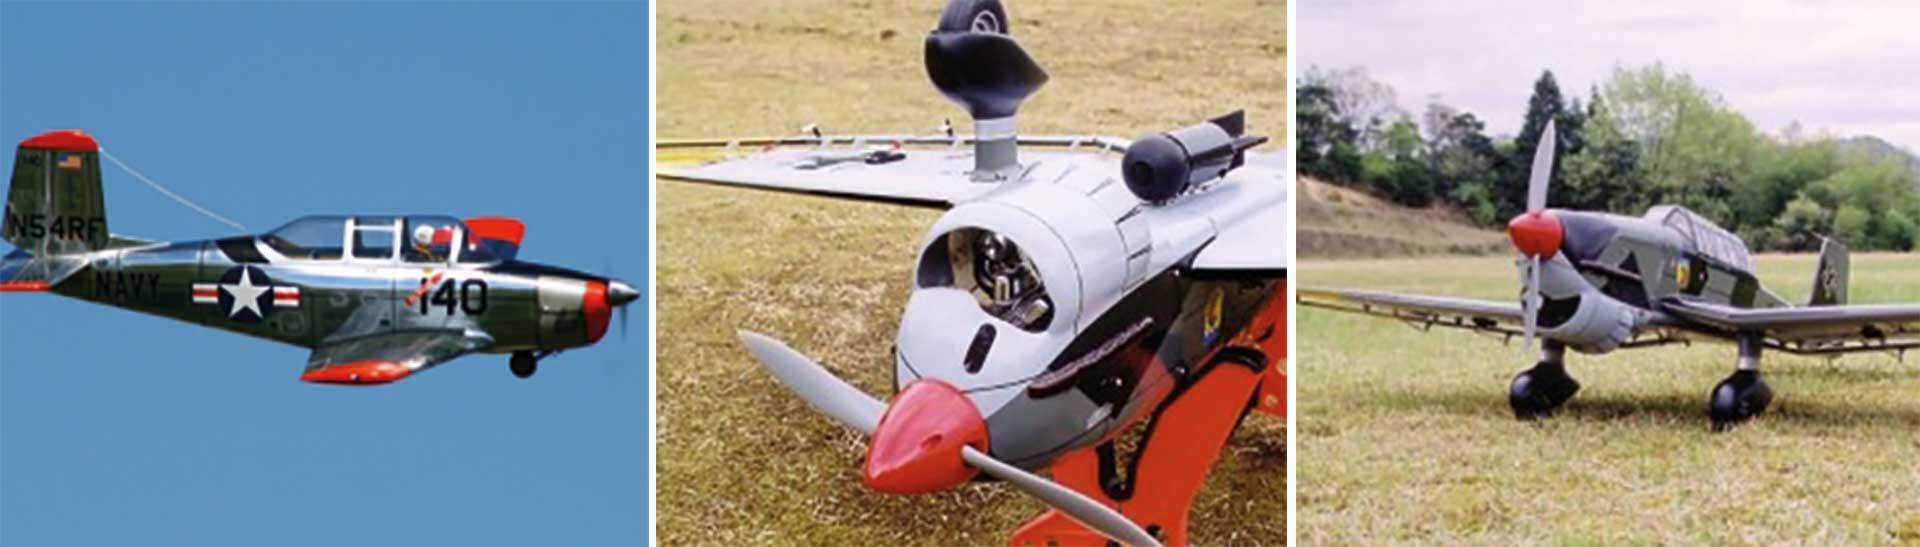 SAITO FA-100 MOTOR